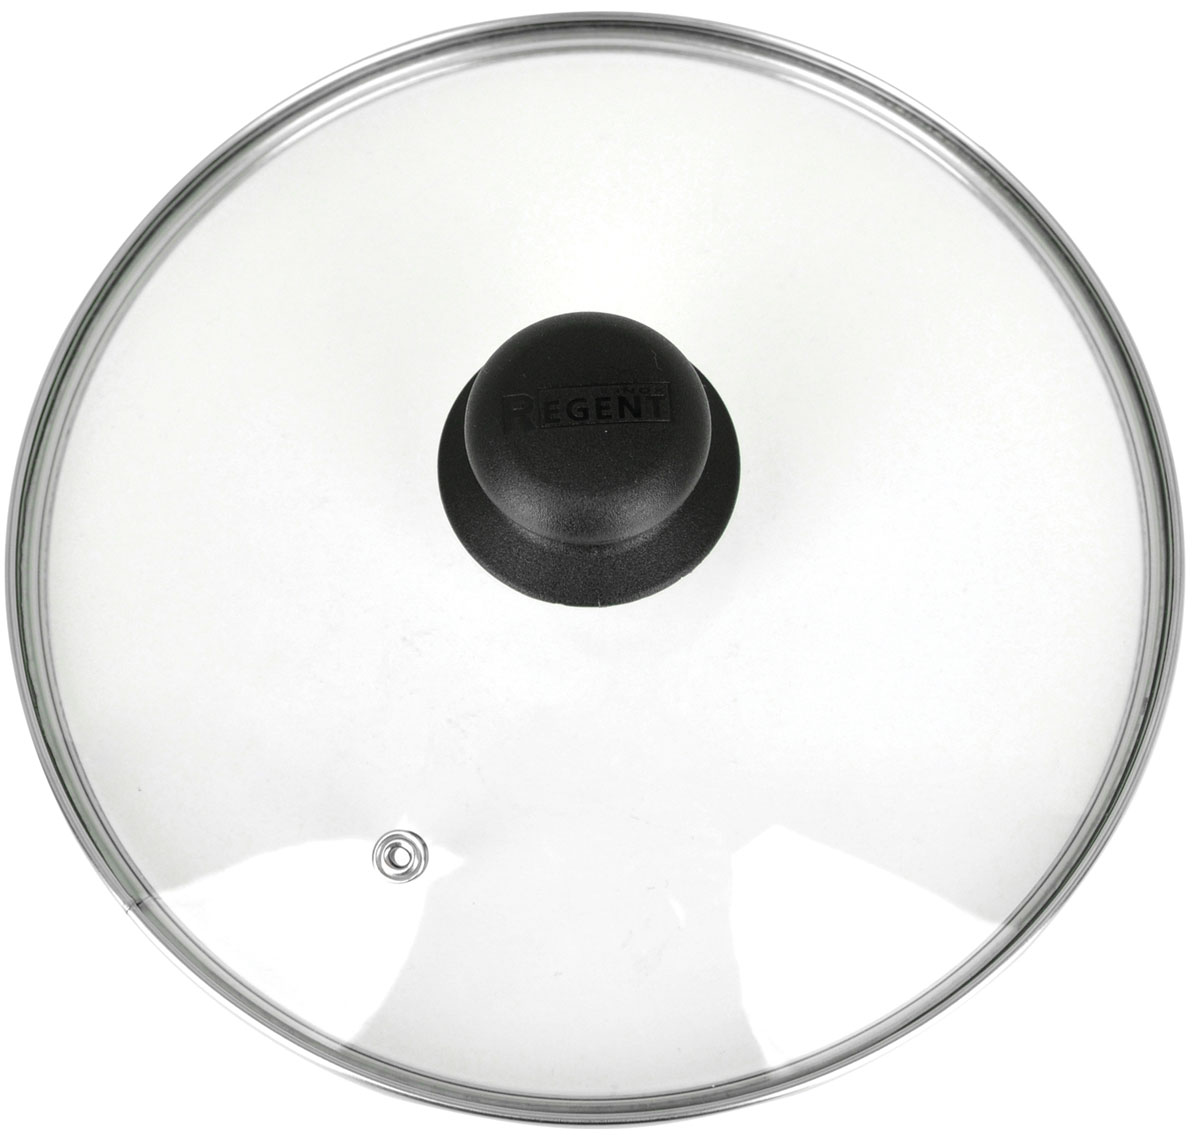 Крышка Regent Inox, стеклянная. Диаметр 28 см28Крышка Regent Inox изготовлена из термостойкого стекла. Обод, выполненный из высококачественной нержавеющей стали, защищает крышку от повреждений, а ручка, выполненная из термостойкого пластика, защищает ваши руки от высоких температур. Крышка удобна в использовании, позволяет контролировать процесс приготовления пищи. Имеется отверстие для выпуска пара. Характеристики:Материал: стекло, нержавеющая сталь, пластик. Диаметр: 28 см. Размер упаковки: 28 см х 28 см х 6 см. Производитель:Италия. Артикул: 28.